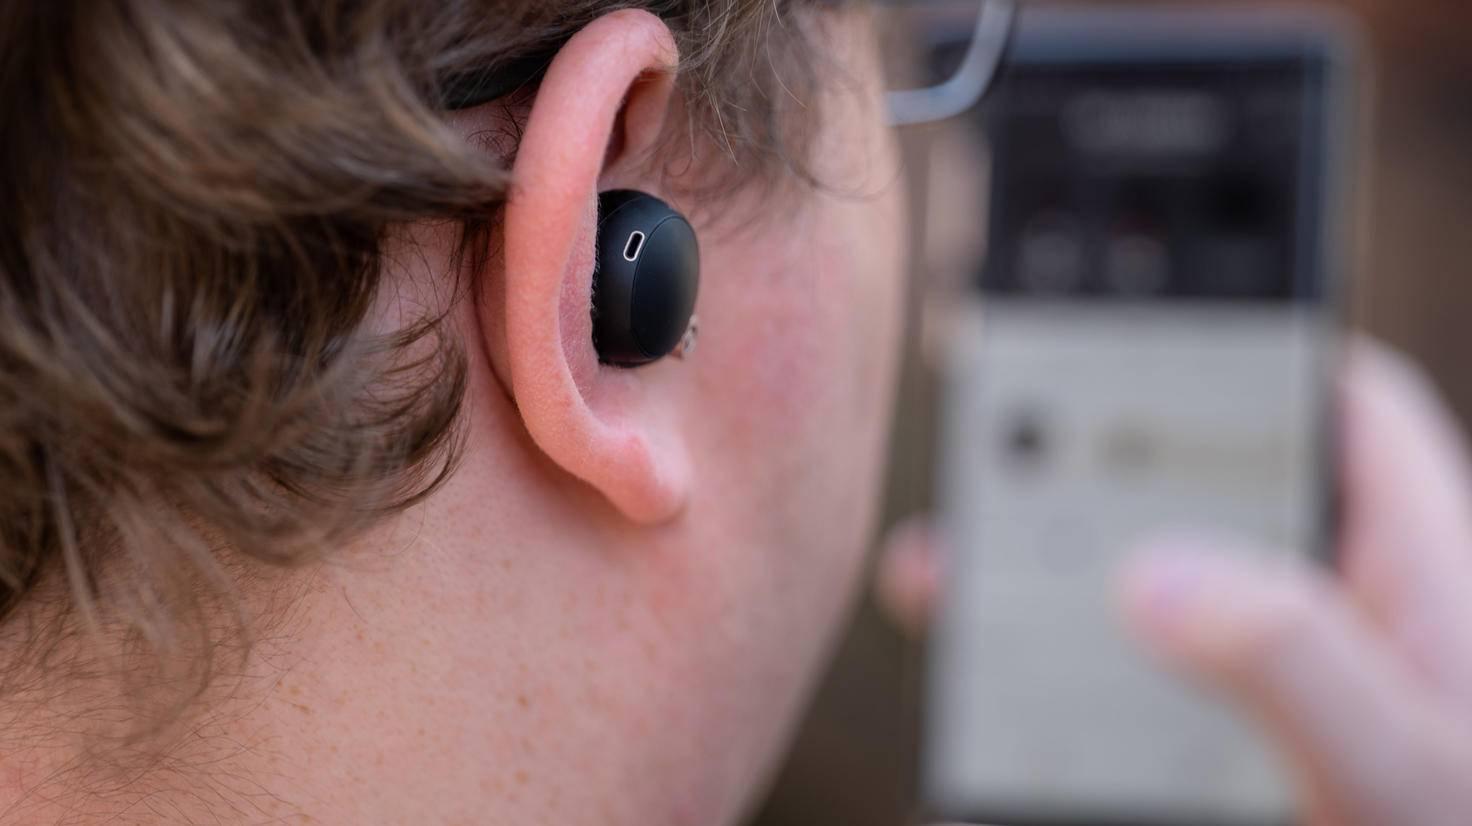 sony-wf-1000xm4-in-ears-5